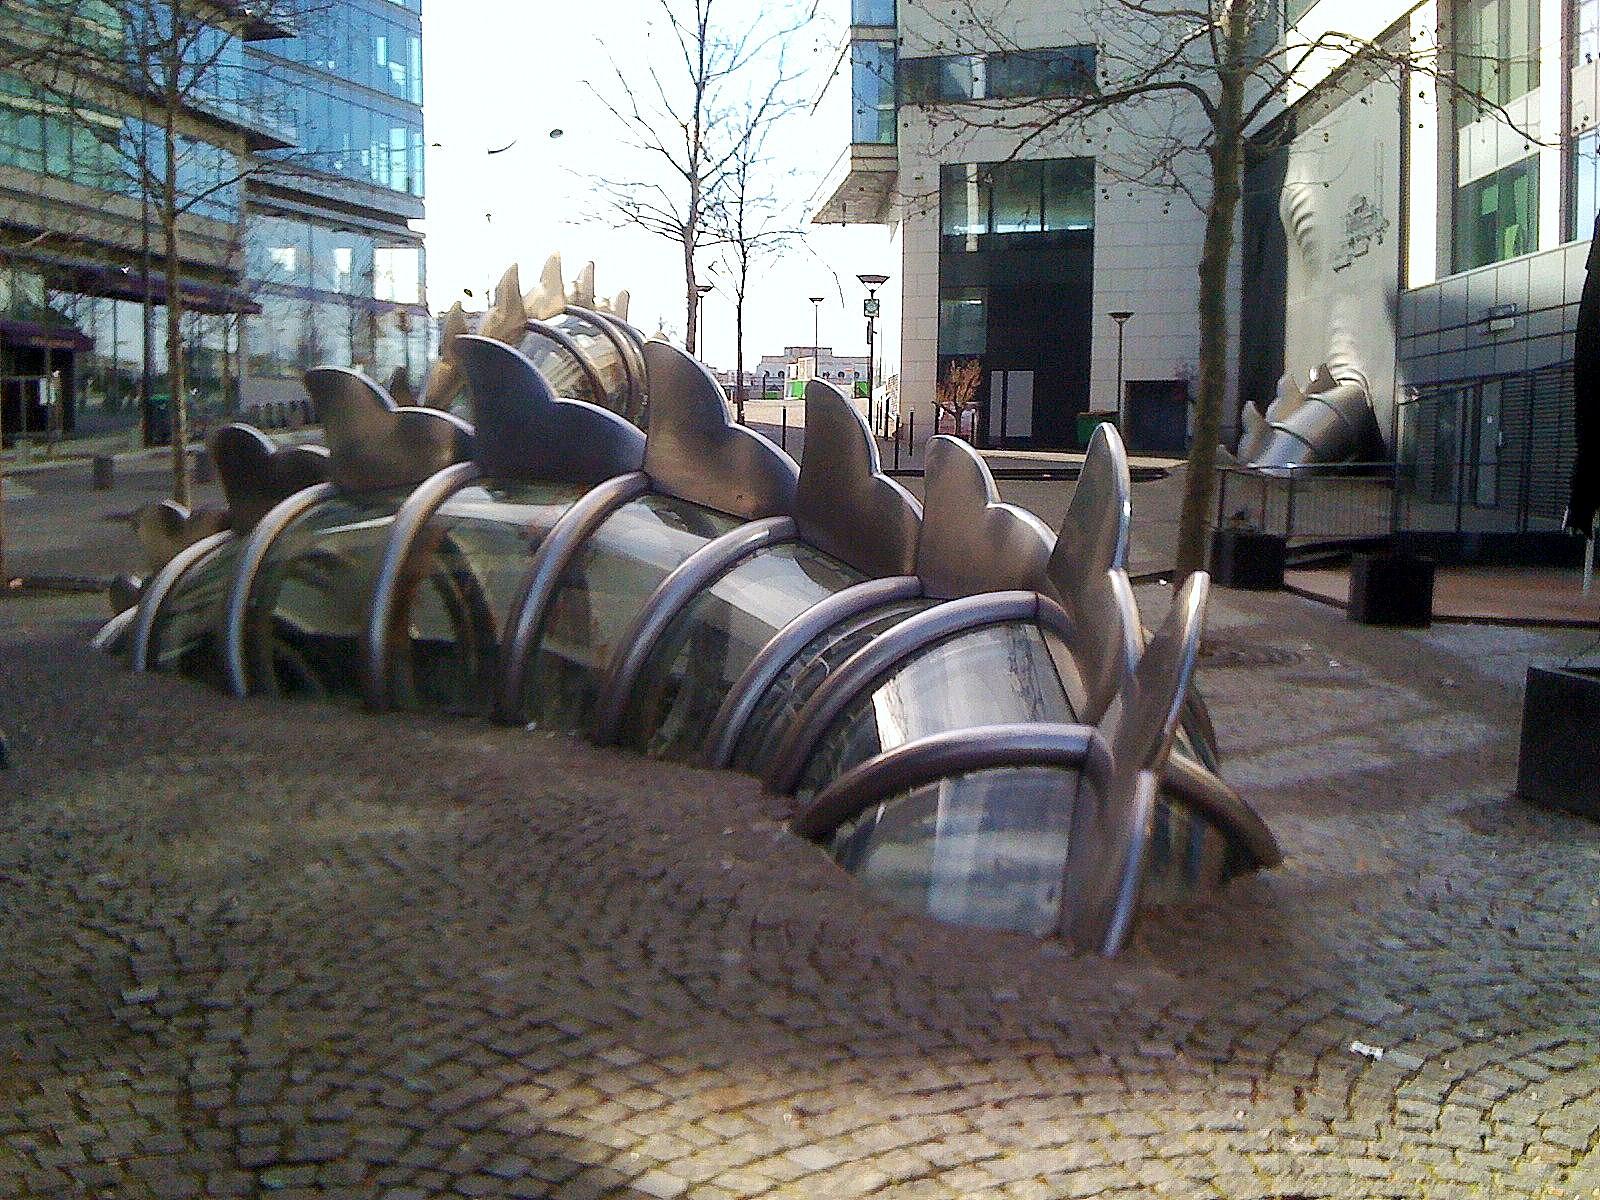 Paris la danse de la fontaine mergente oeuvre de chen for Fontane da laghetto